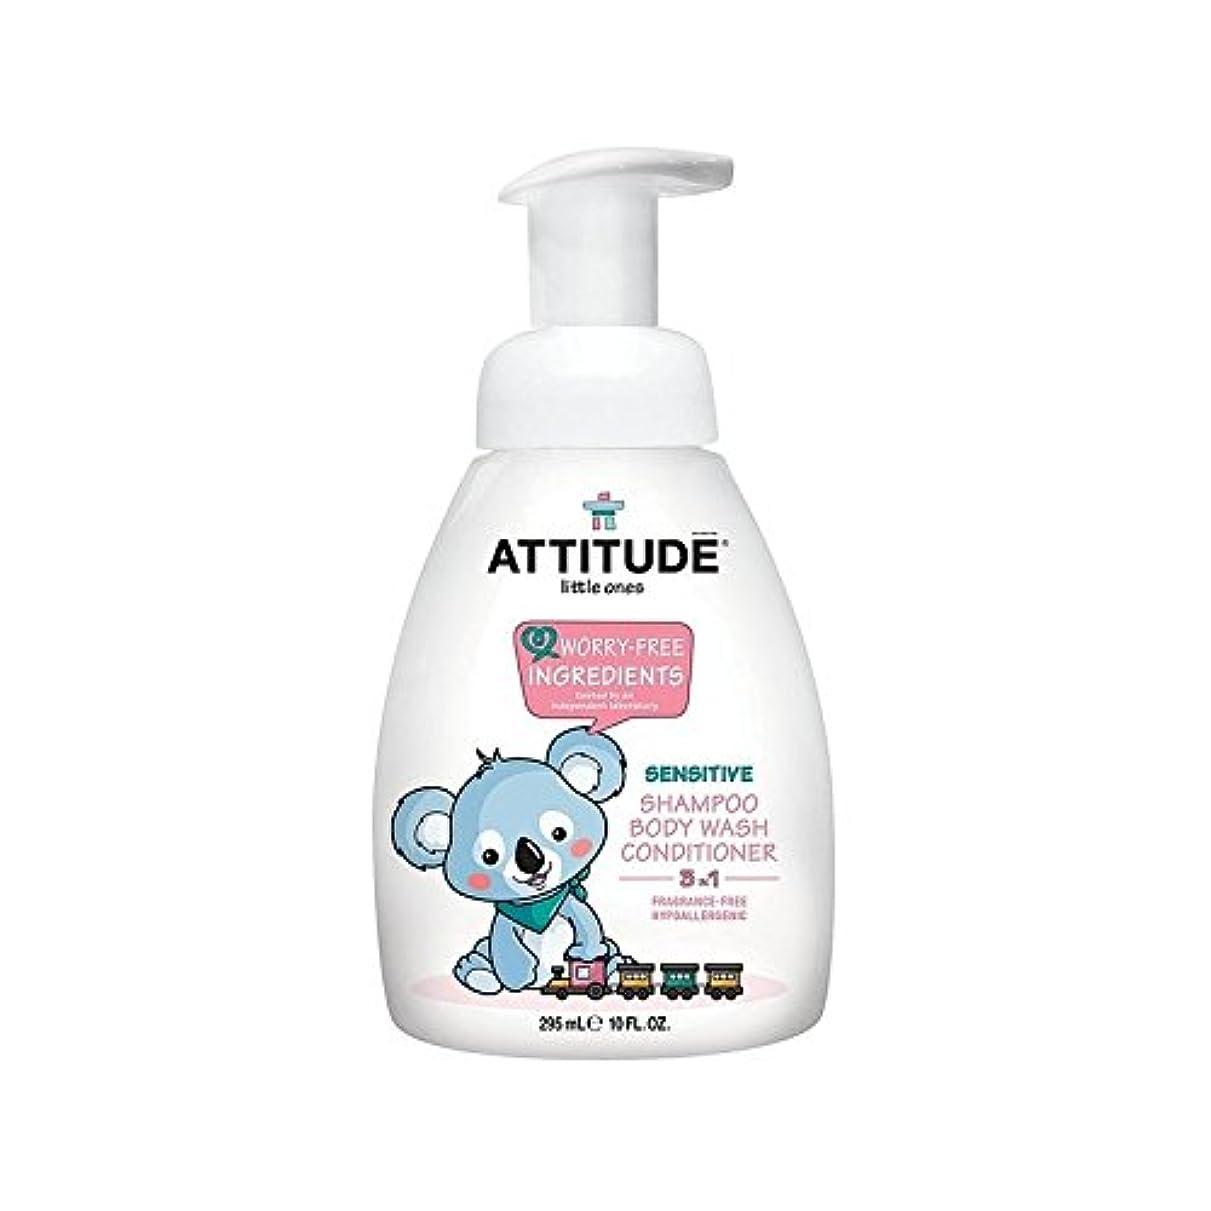 高音ピーク失望小さなもの3 1シャンプーシャワーコンディショナーポンプ無香料295ミリリットル (Attitude) (x 4) - Attitude Little Ones 3 in 1 Shampoo Shower Conditioner Pump Fragrance Free 295ml (Pack of 4) [並行輸入品]